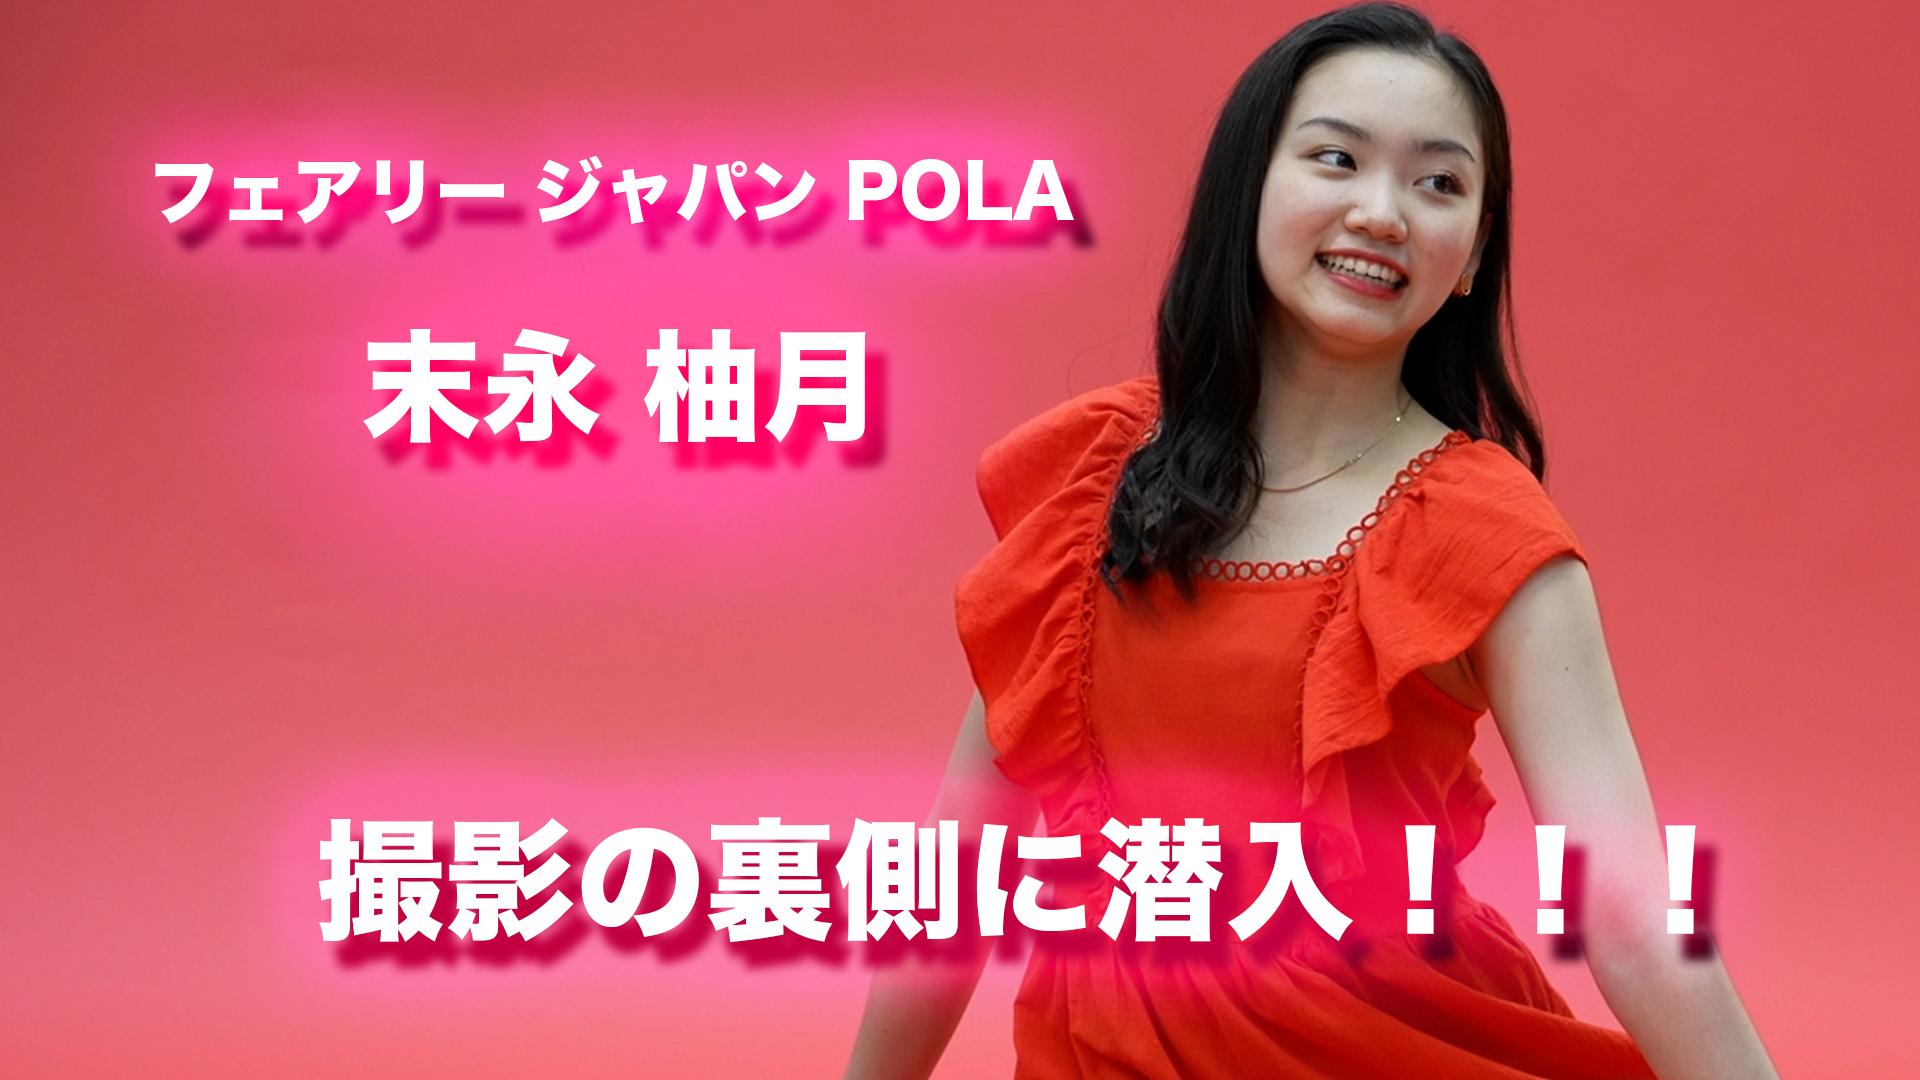 フェアリー ジャパン 撮影の裏側に潜入!~末永 柚月~